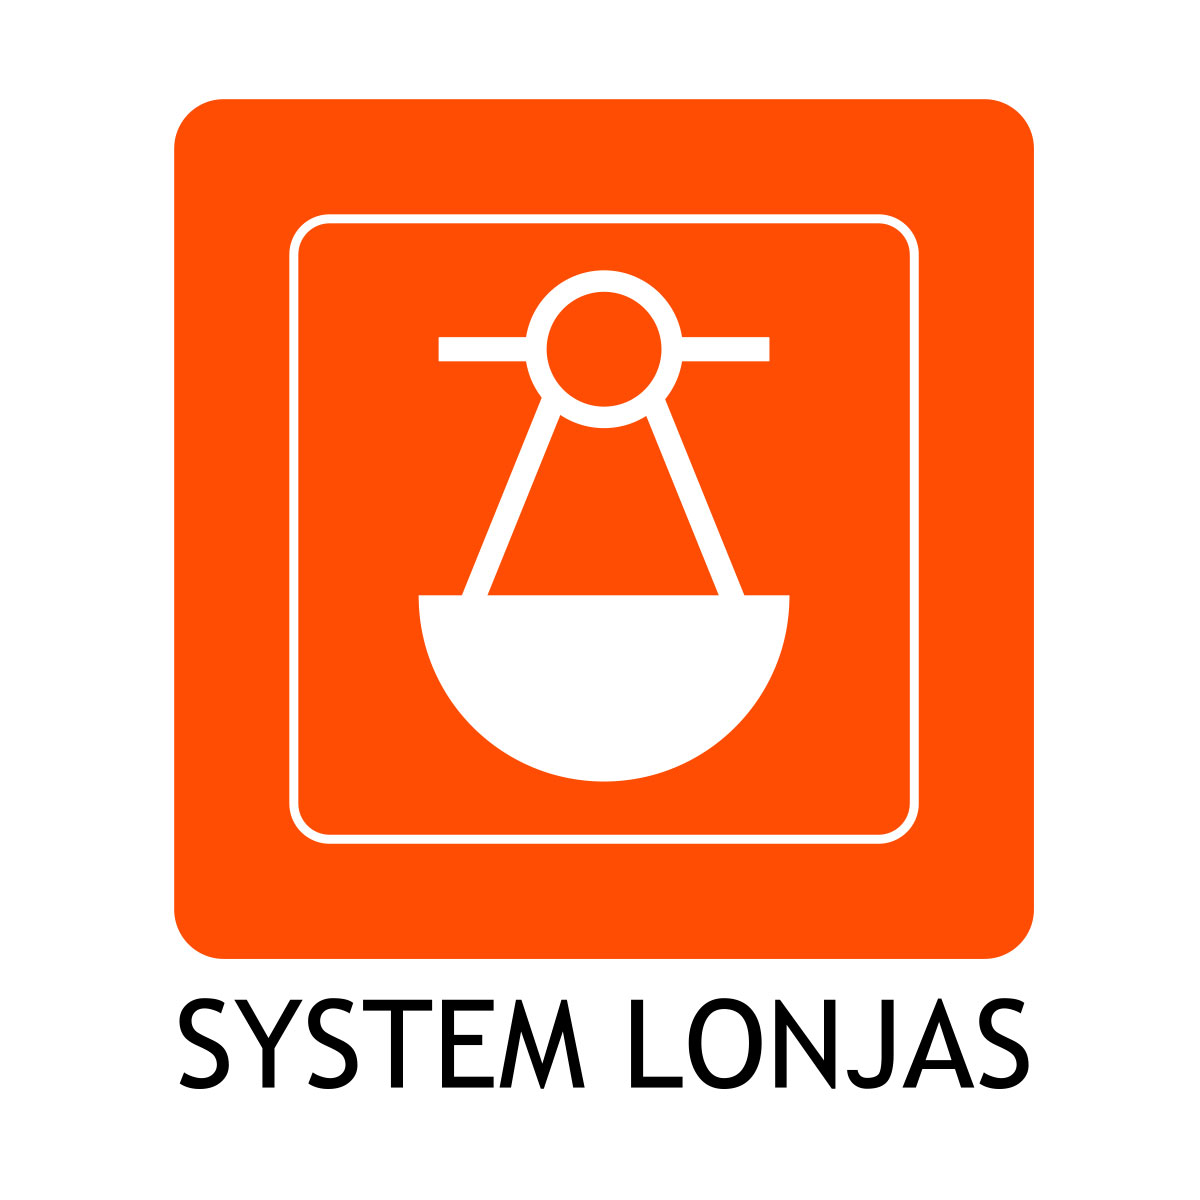 Logotipo Systemlonjas